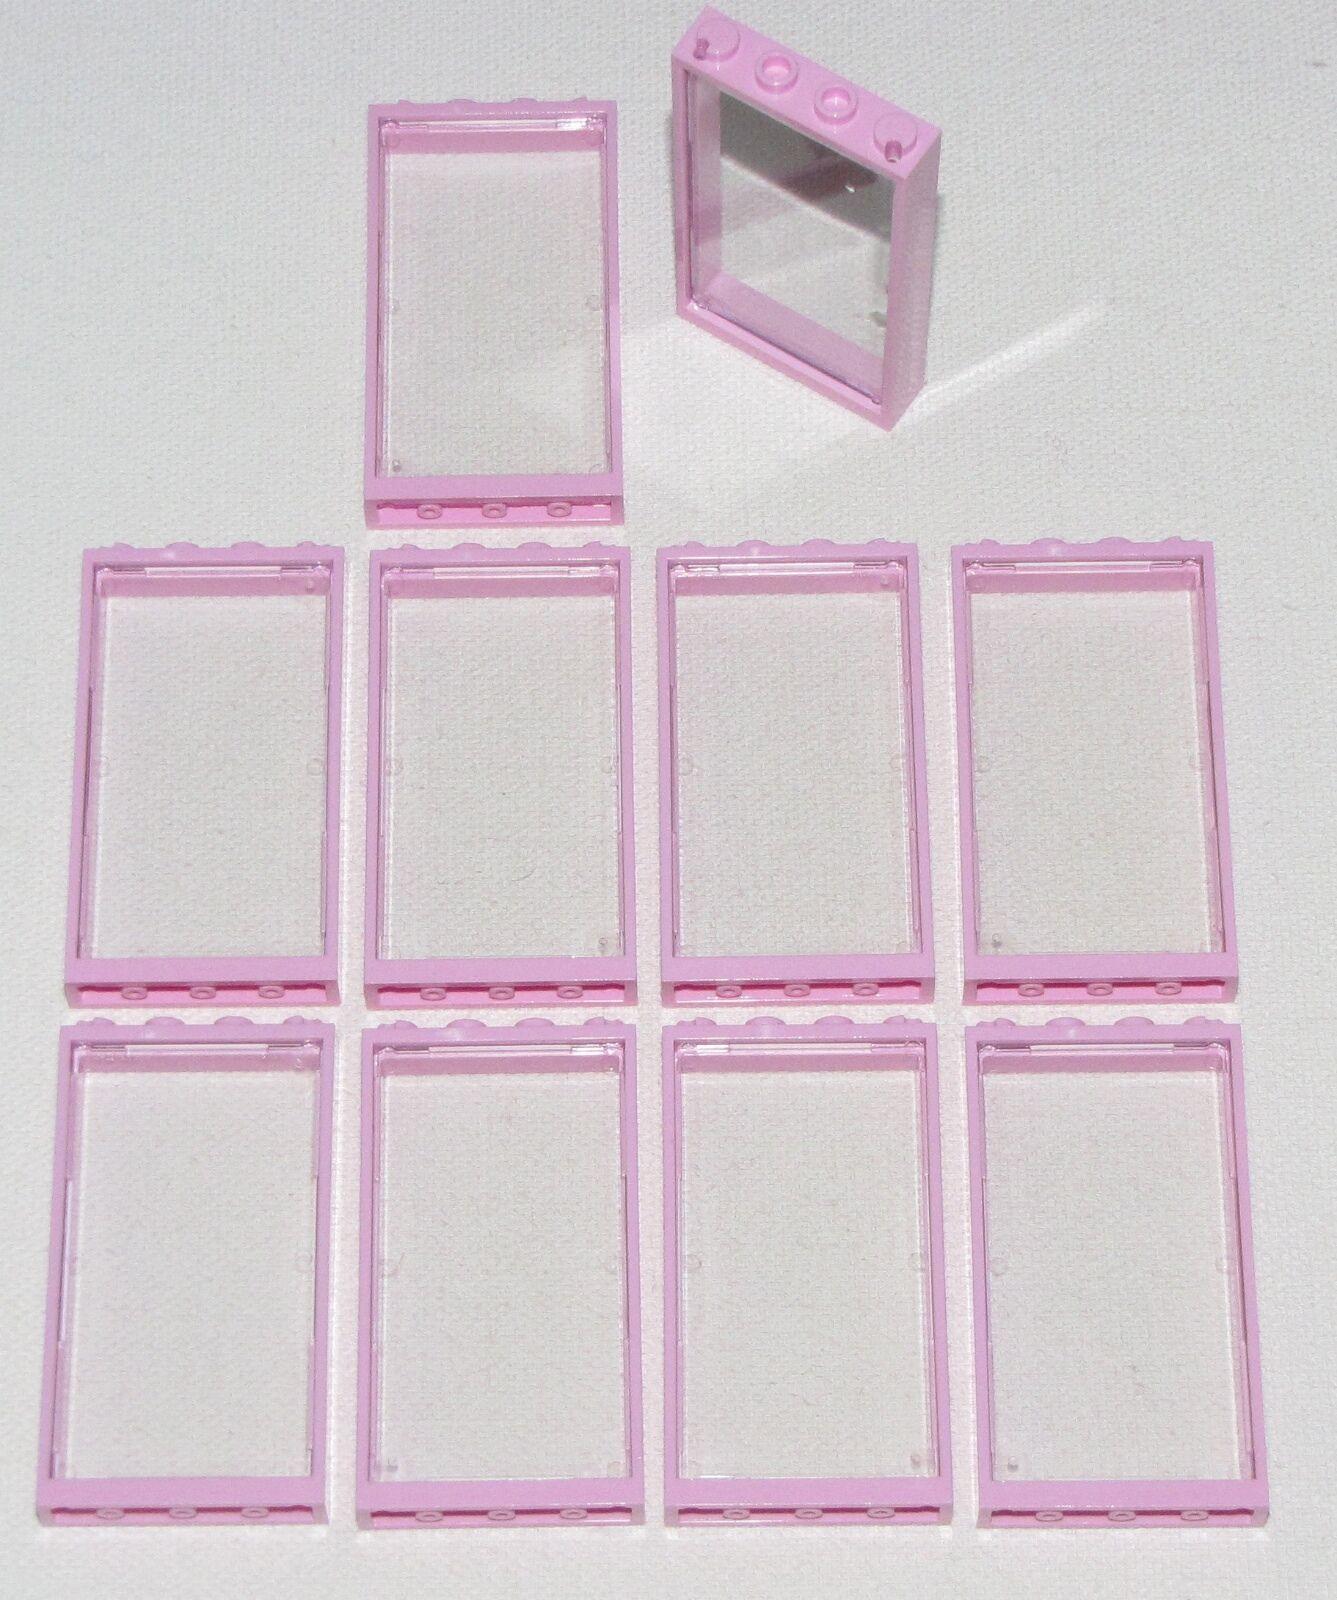 Lego X Lot Of 10 Neu 1 X Lego 4 X 6 Kräftiges Rosa Windows Mädchen Freunde Haus mit 8460e5